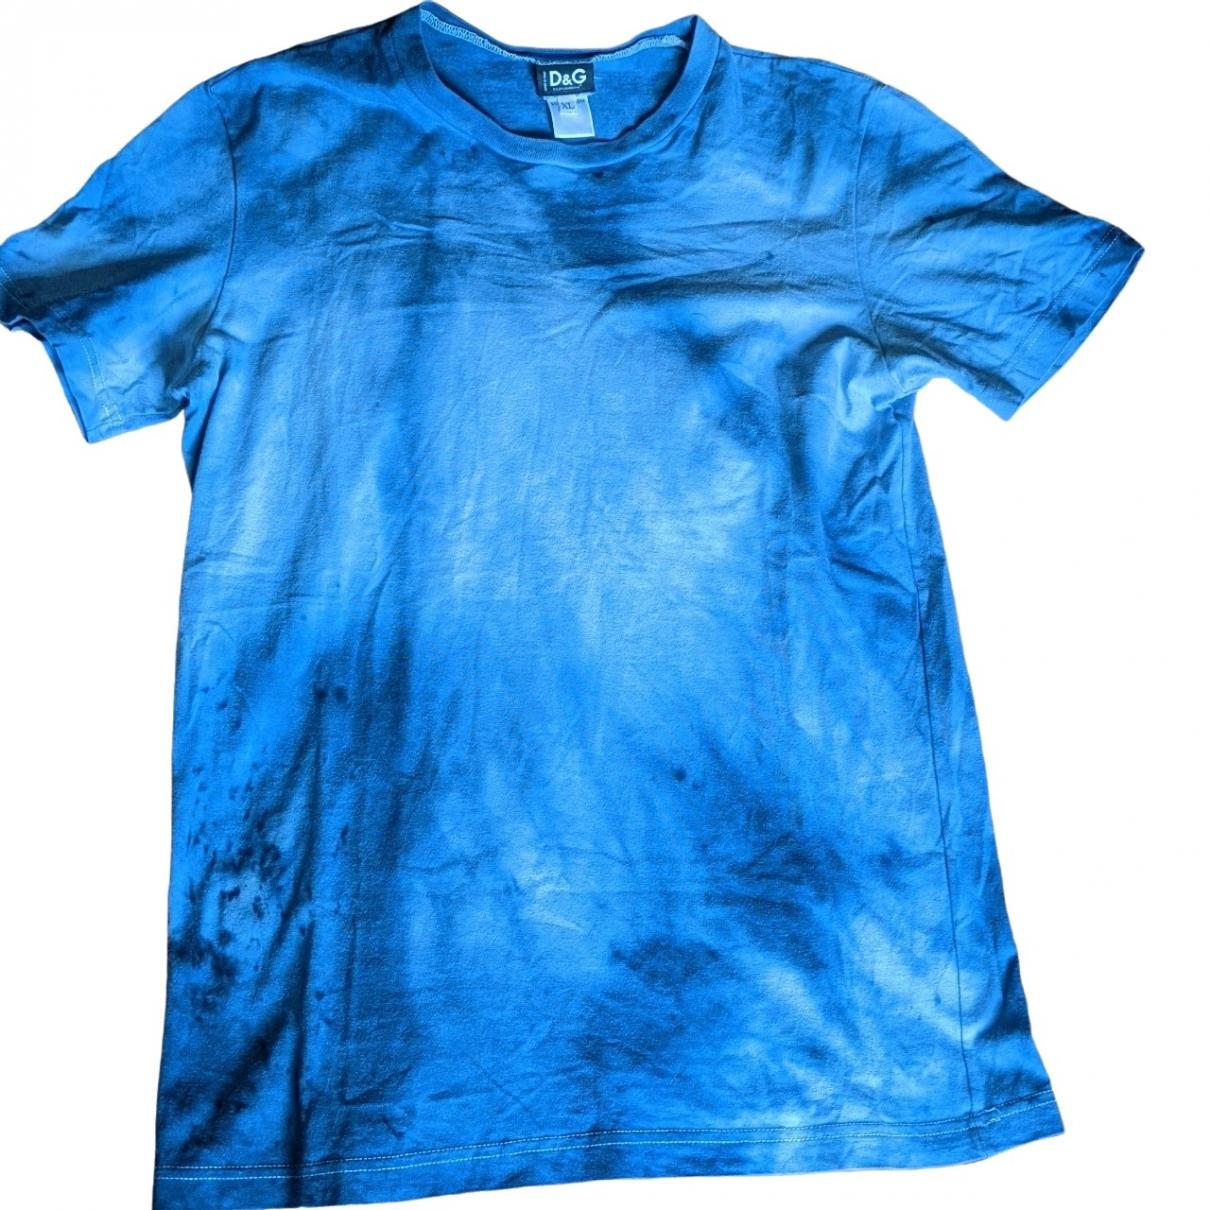 D&g - Tee shirts   pour homme en coton - bleu